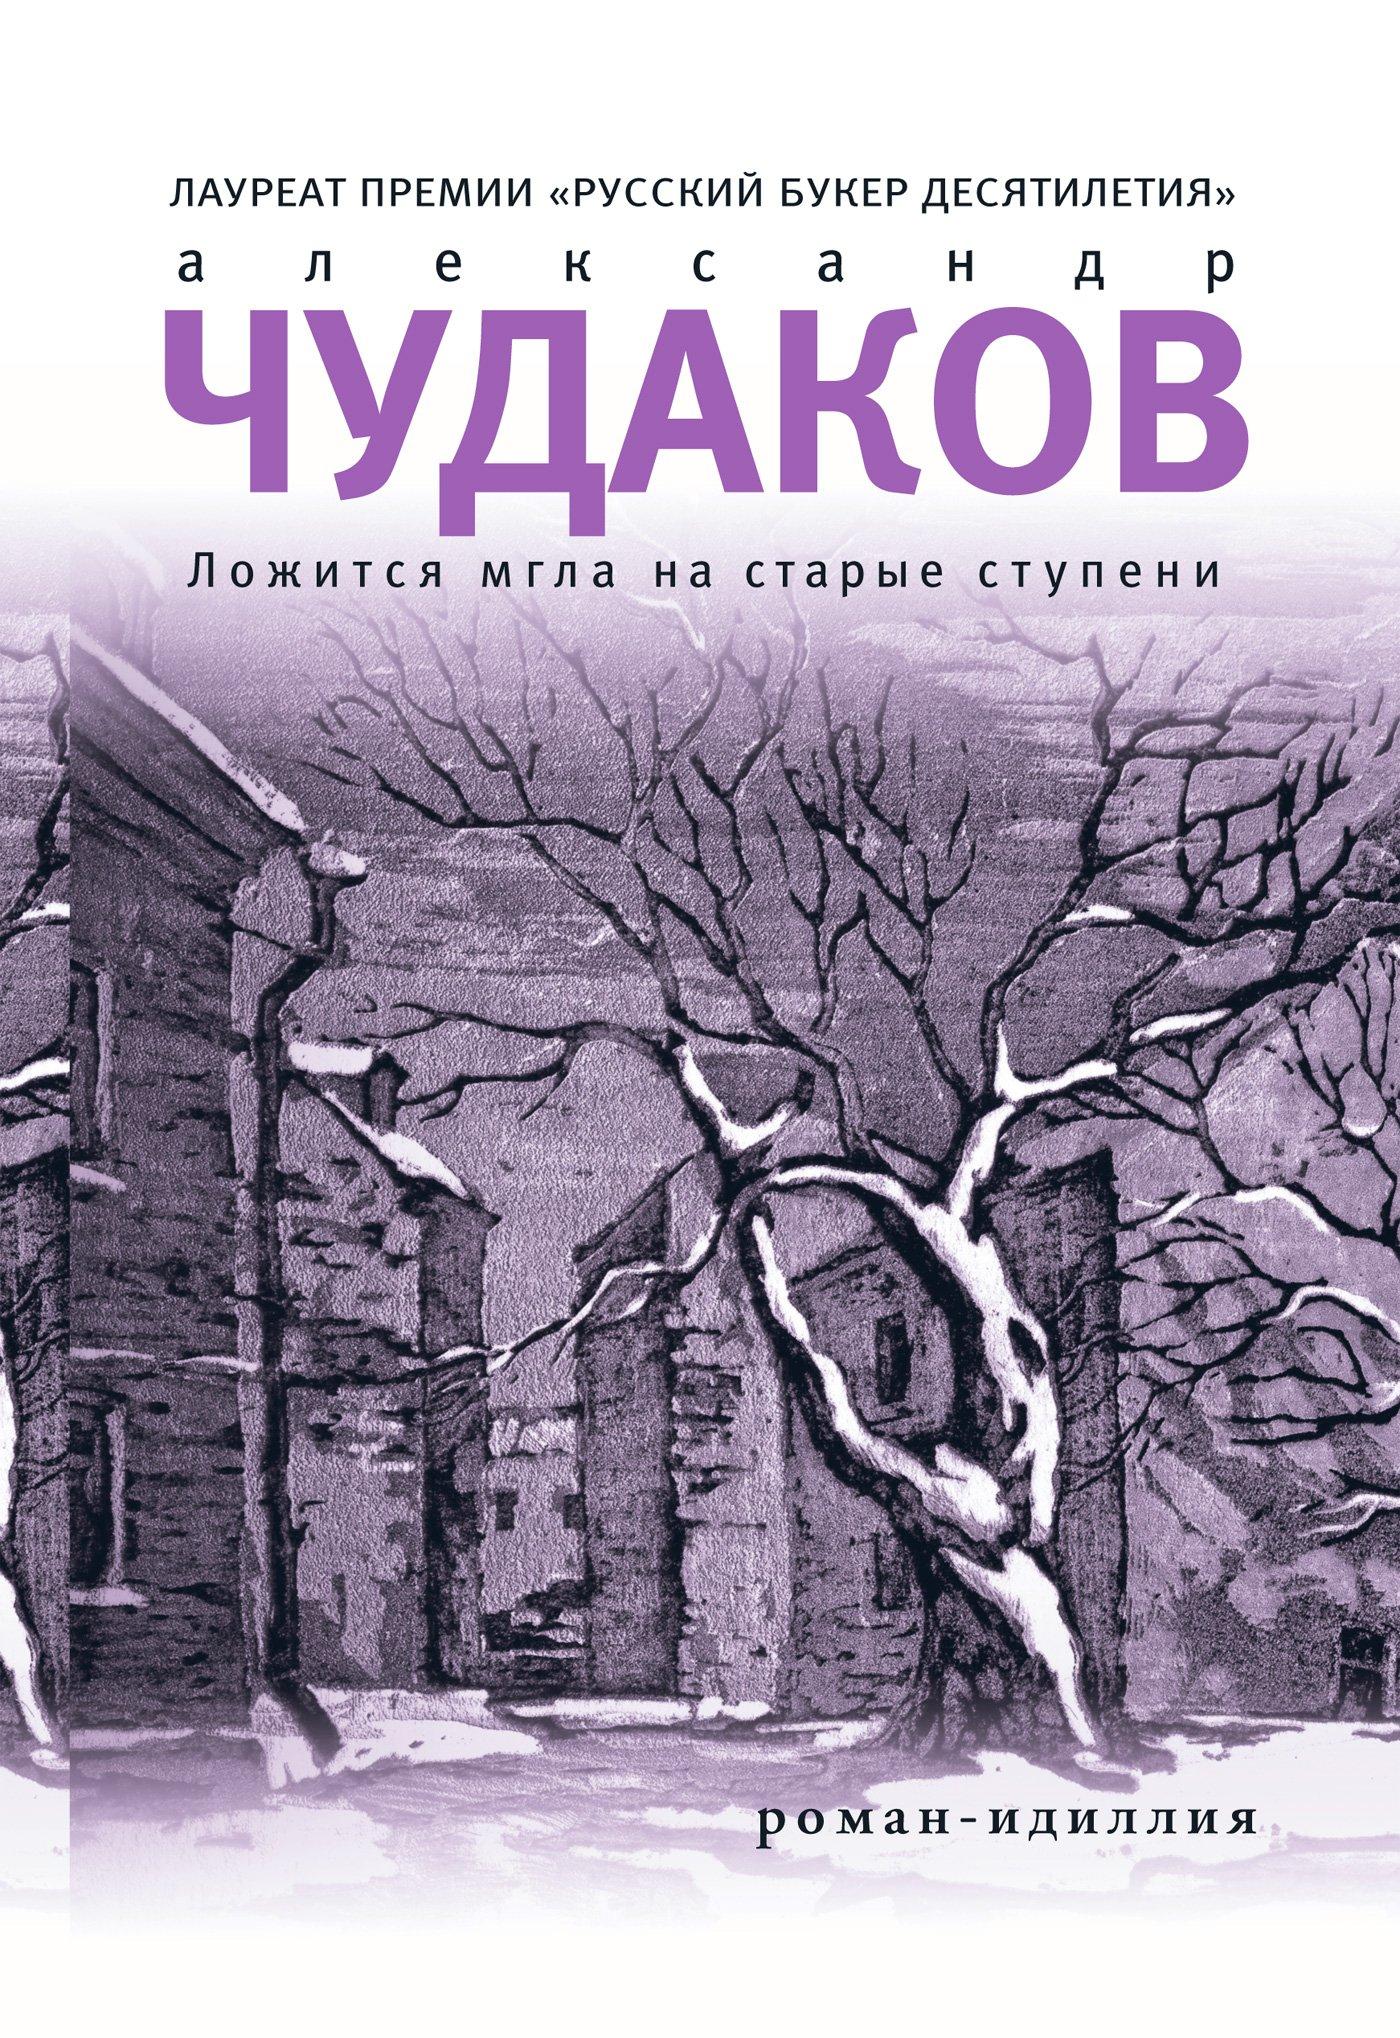 lozhitsya-mgla-na-starye-